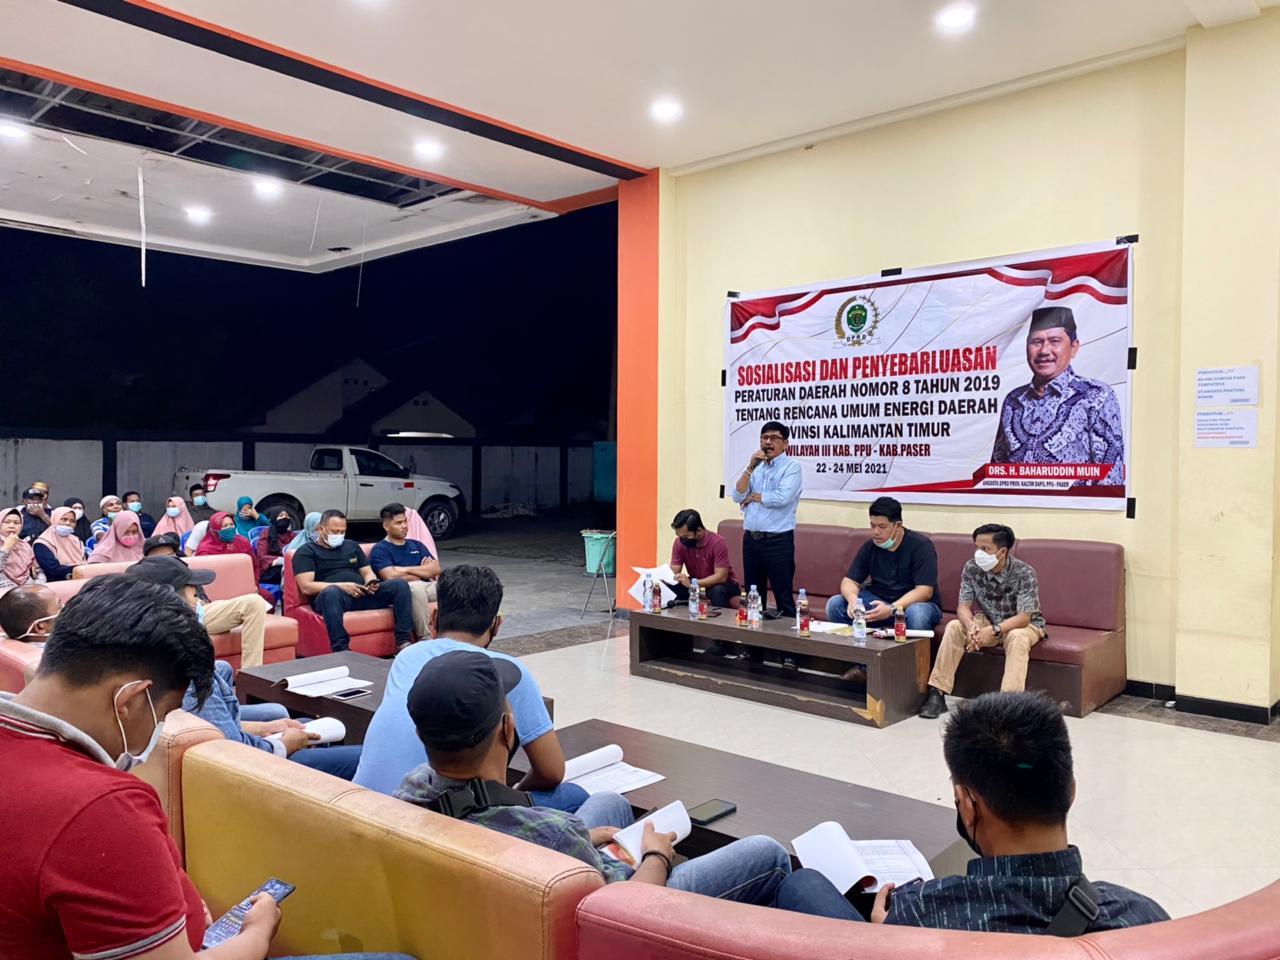 Baharuddin Muin, Bersama 2 Pemateri Berikan Penjelasan  REUD